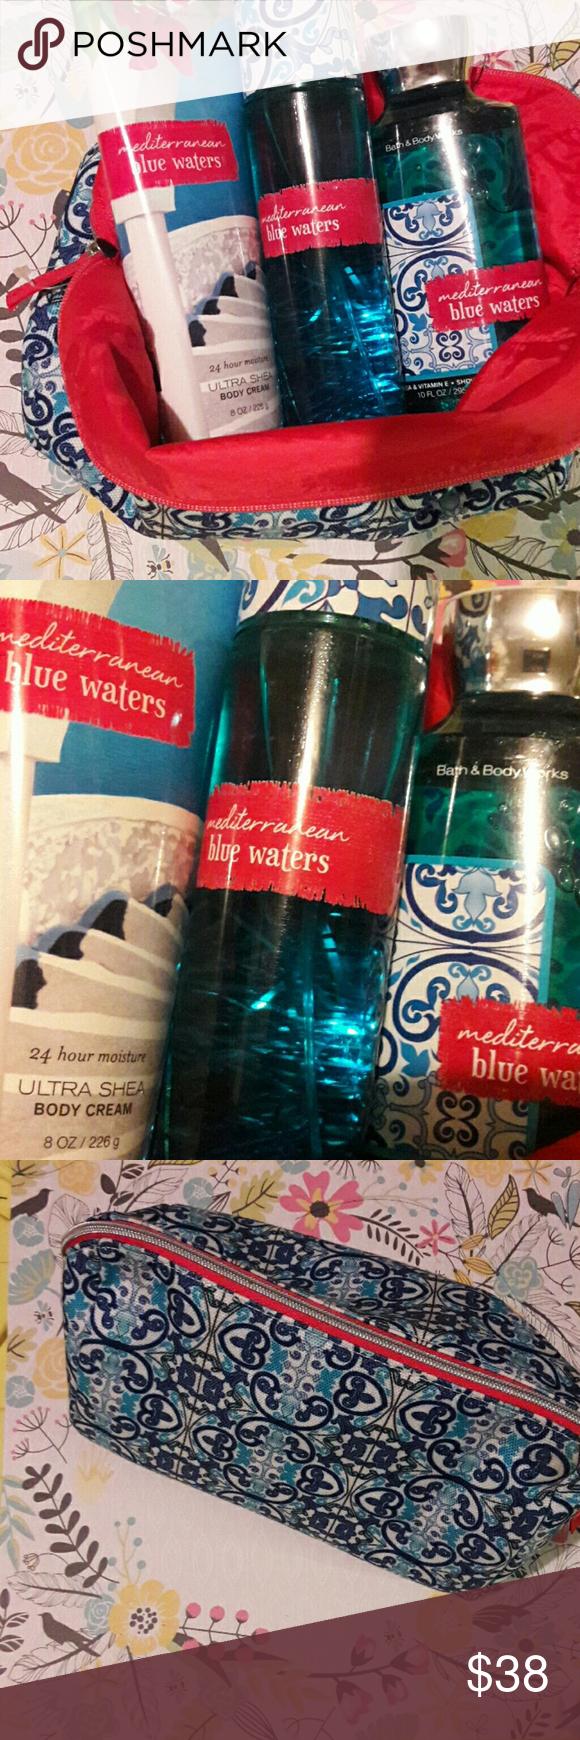 Bed Bath & Beyond gift set Boutique Gift set, Fragrance